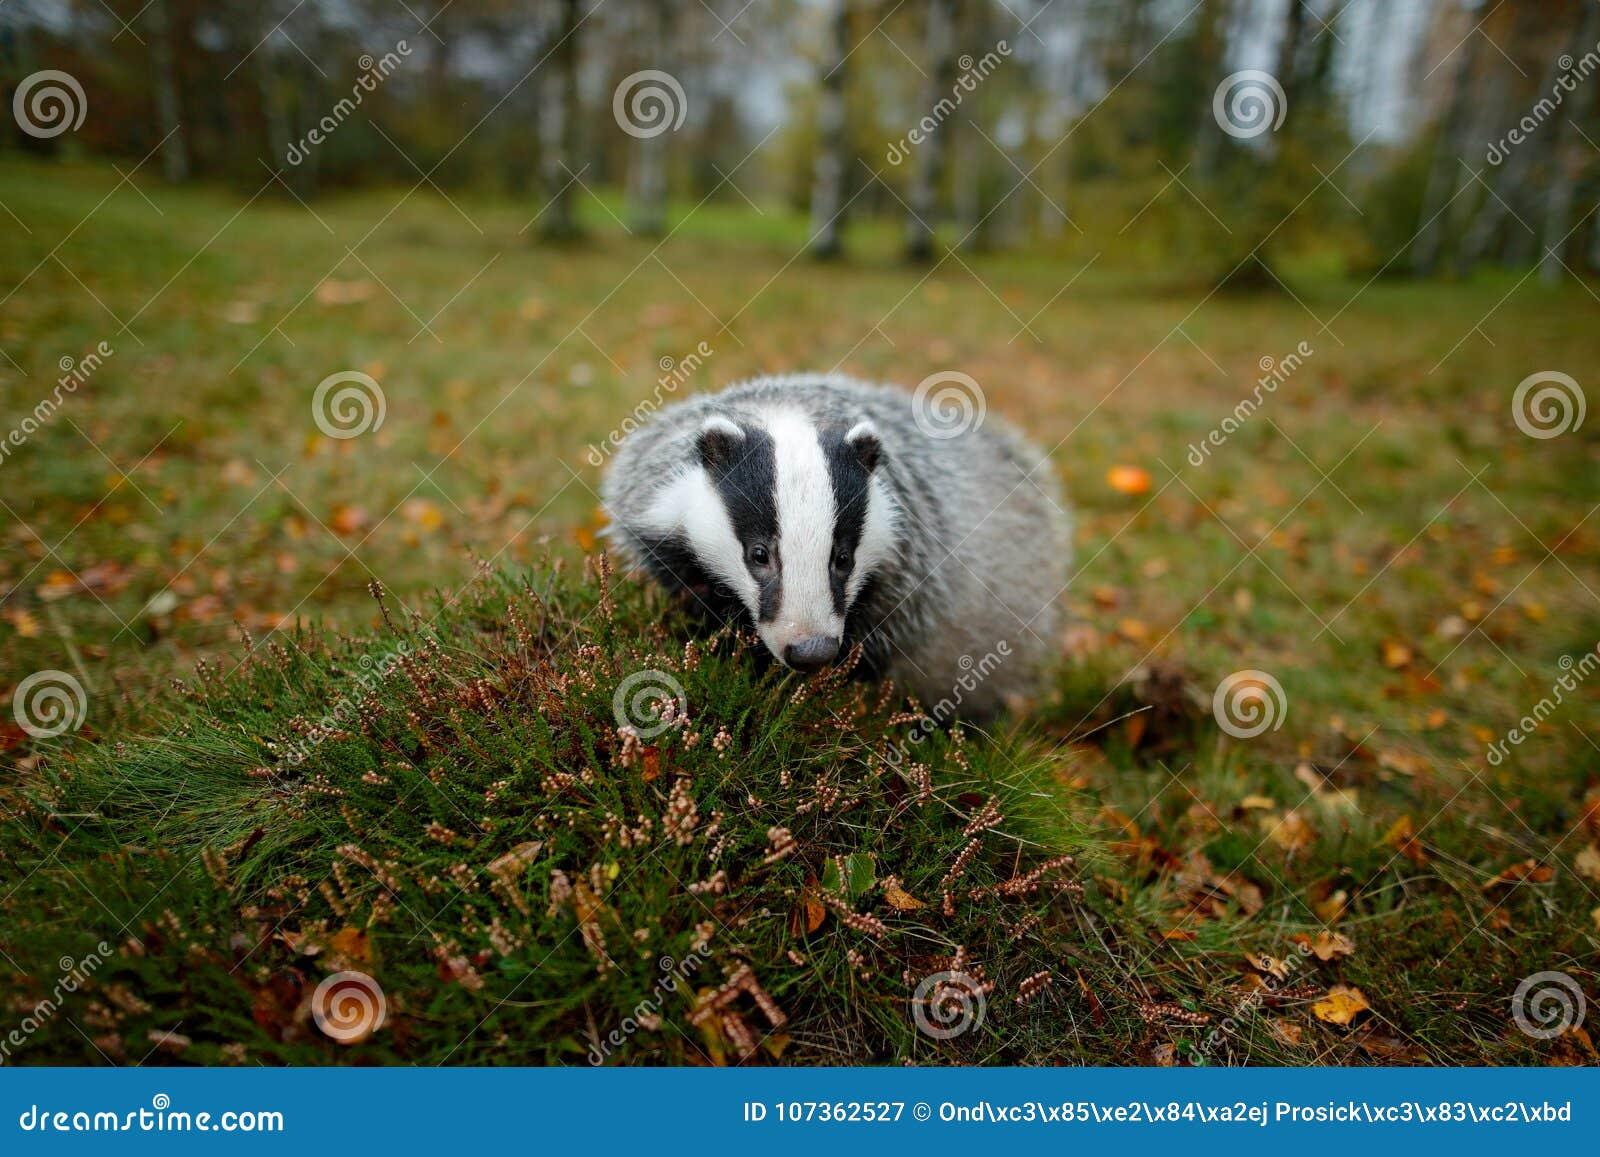 Badger in forest, animal nature habitat, Germany, Europe. Wildlife scene. Wild Badger, Meles meles, animal in wood. European badge